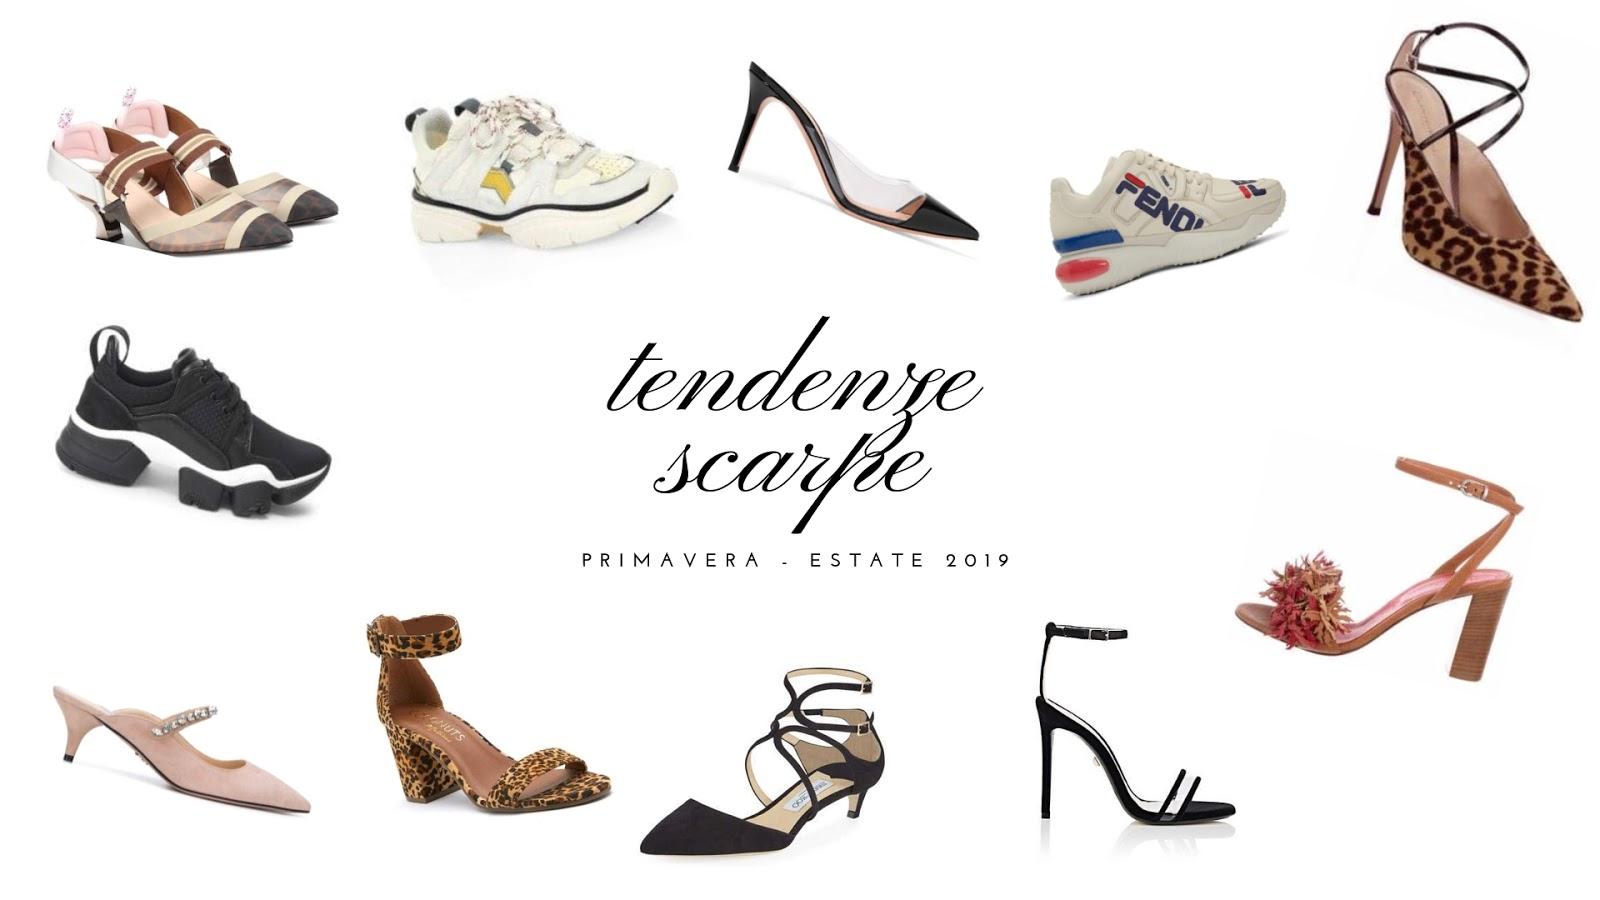 548087efa0a Tendenze scarpe primavera - estate 2019 | Fashion Need | Bloglovin'